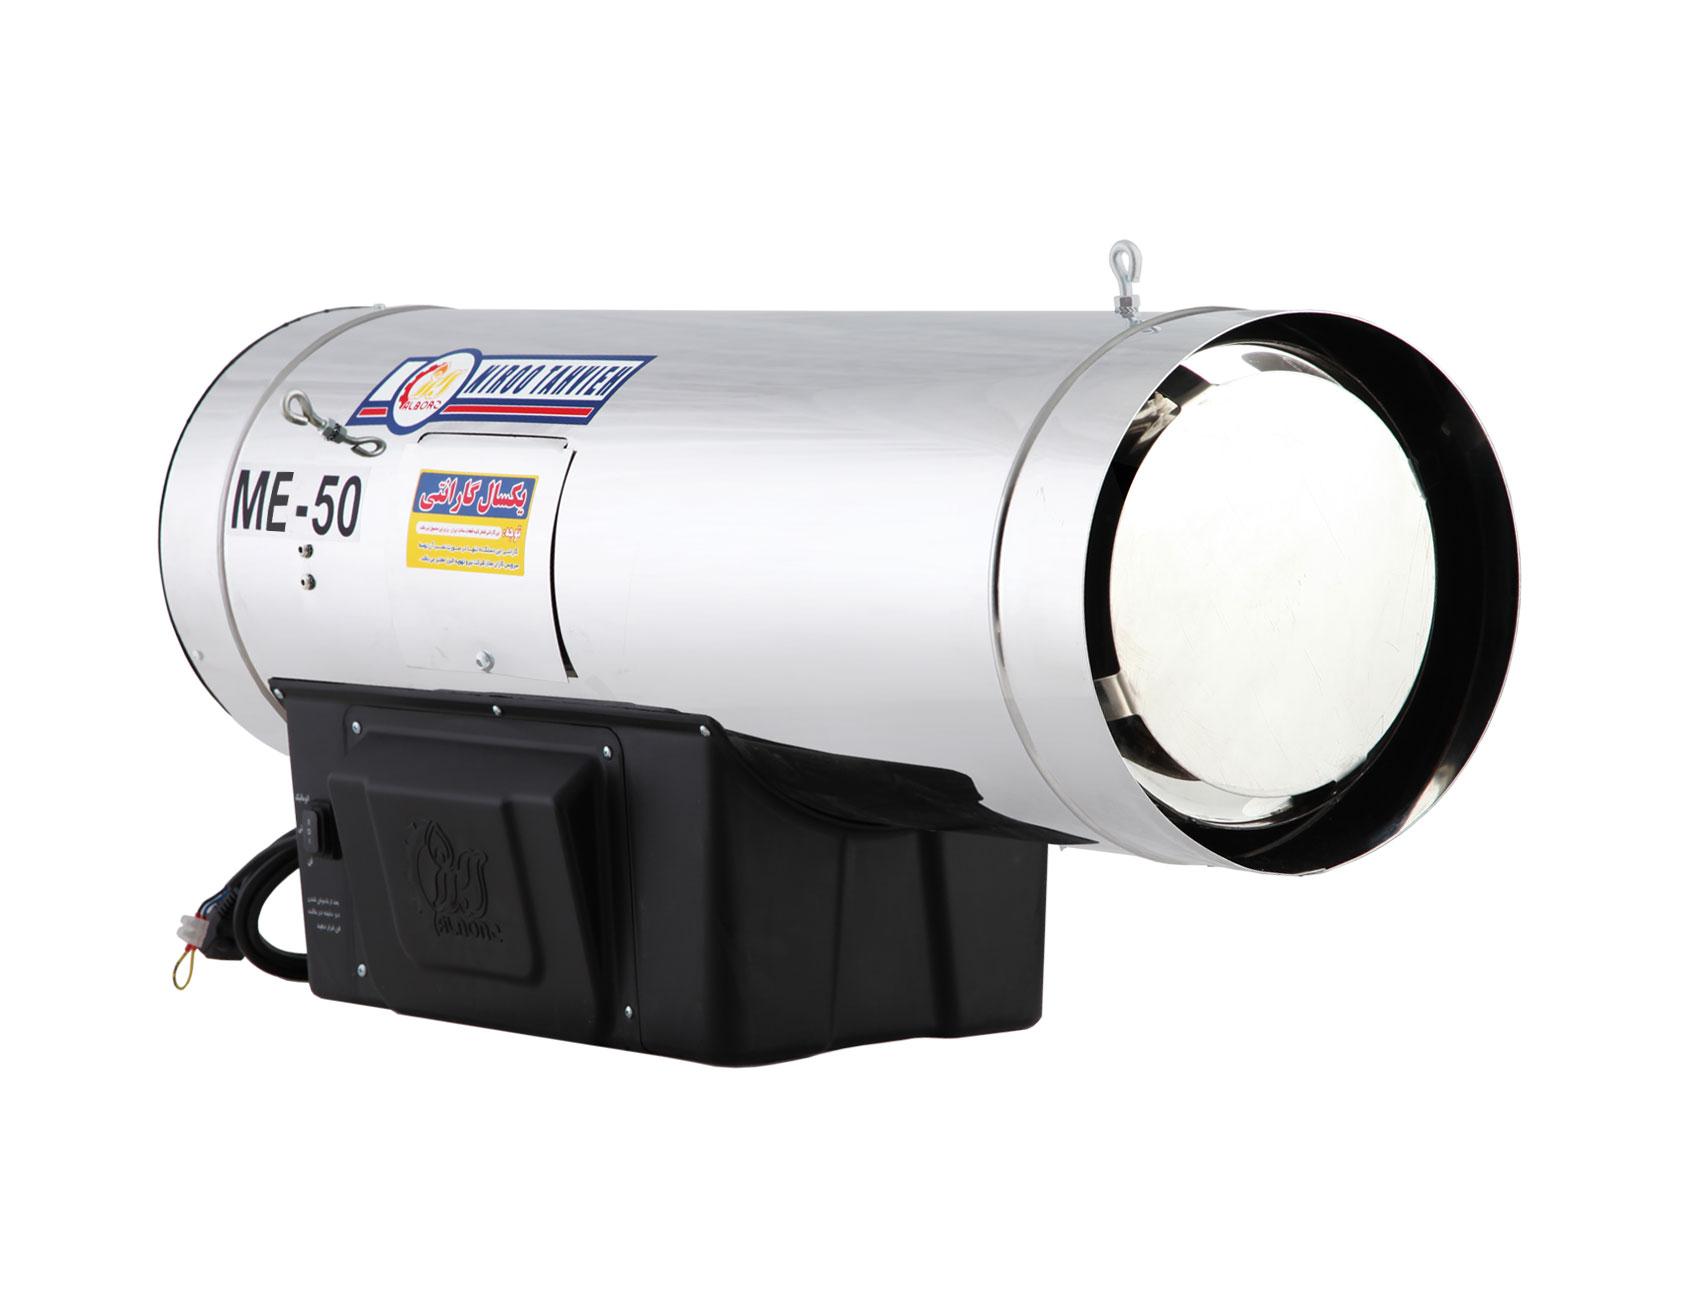 ME-50 Jet Heater